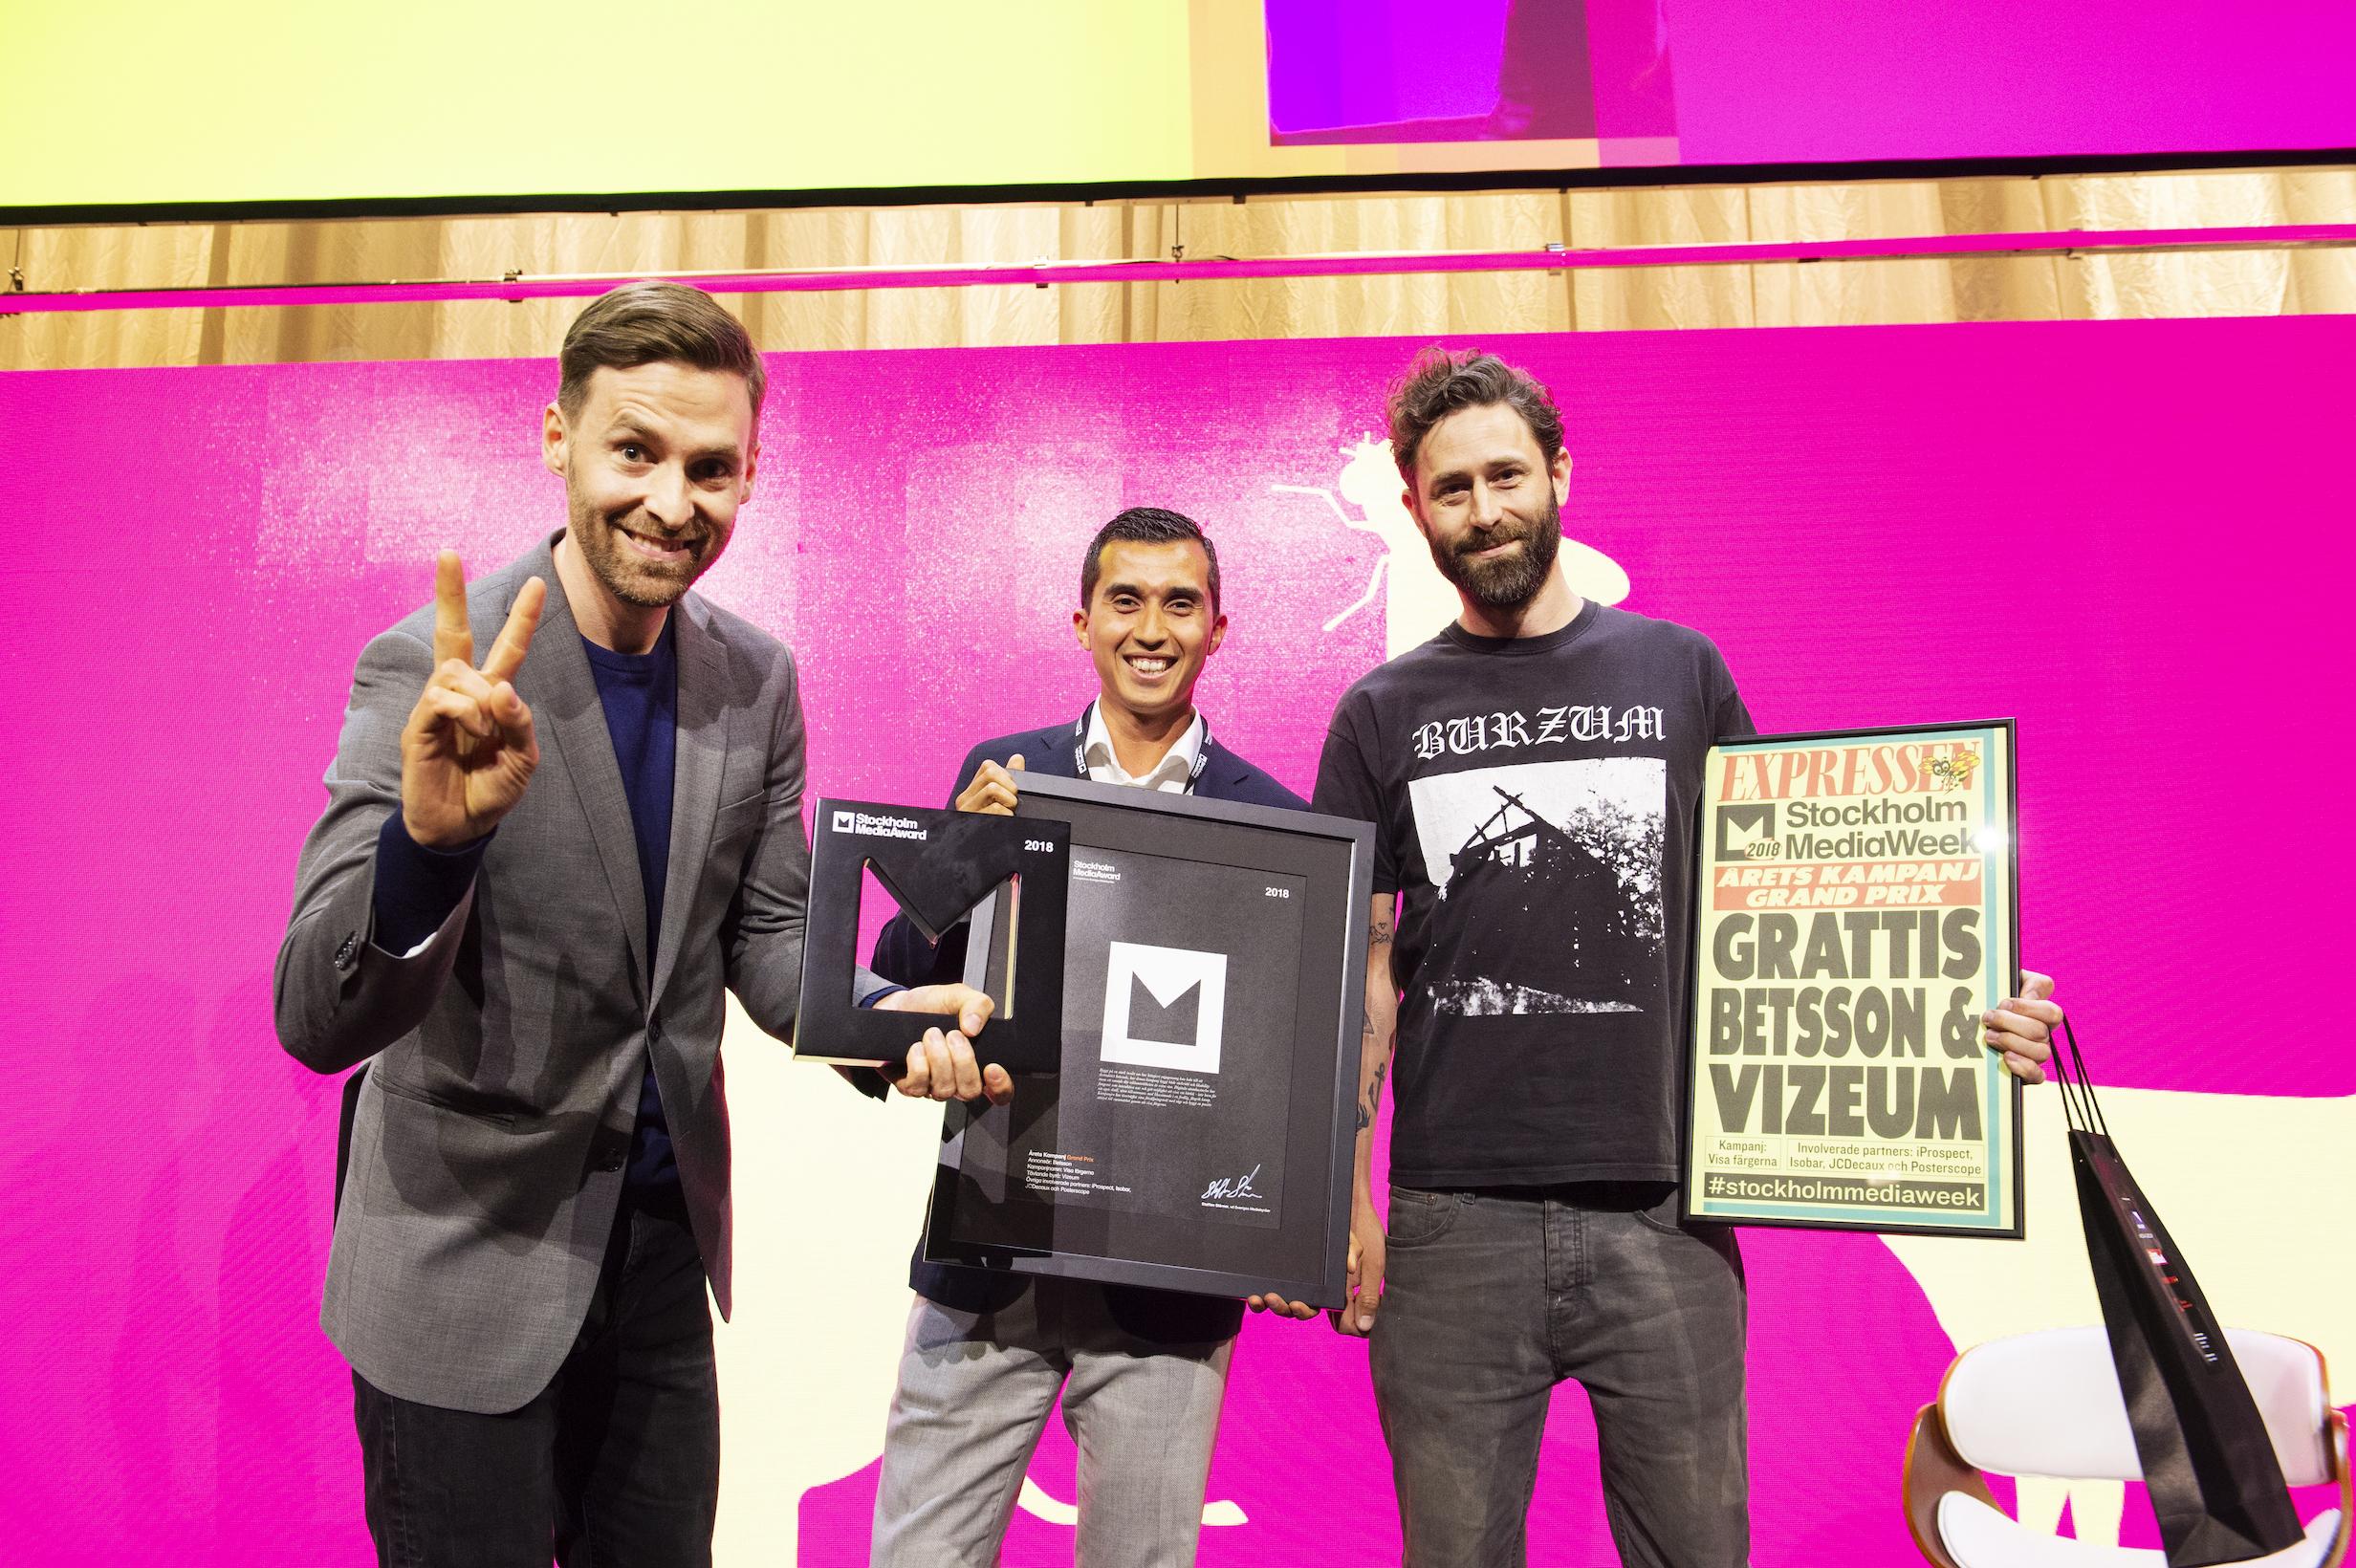 visat se grattis Vinnare StockholmMediaAward | Sveriges Mediebyråer visat se grattis